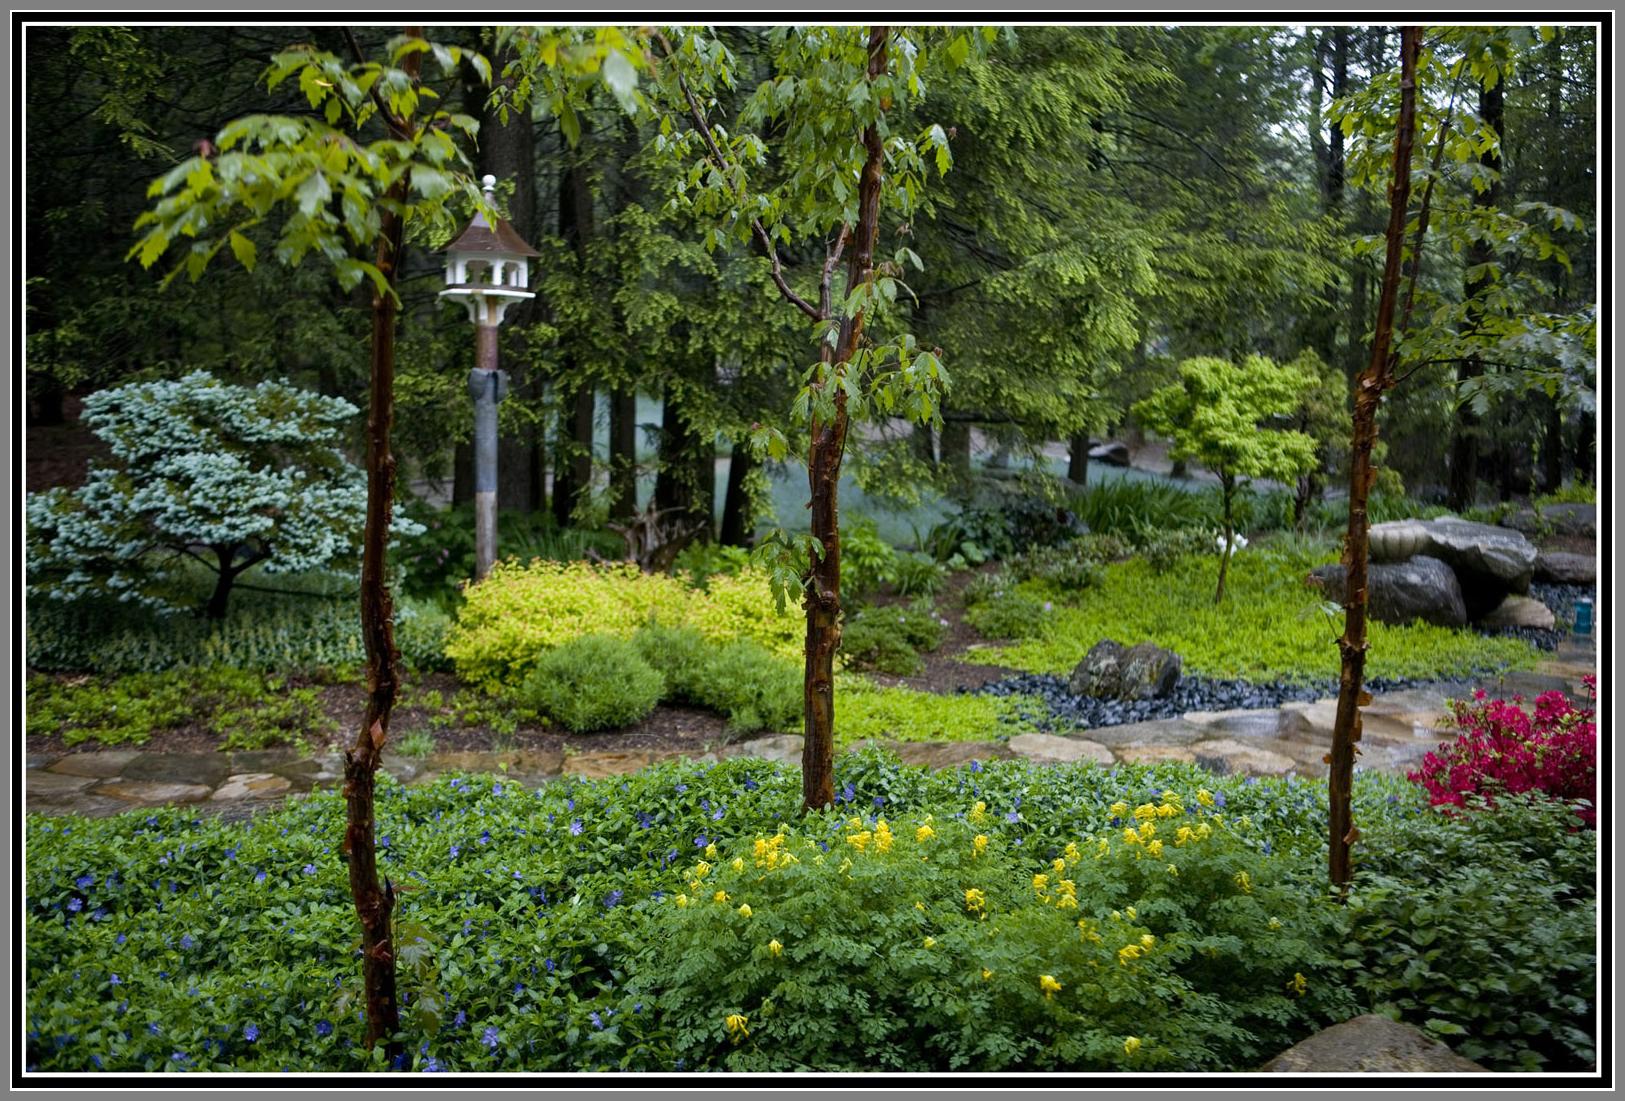 Zen Garden with simplicity